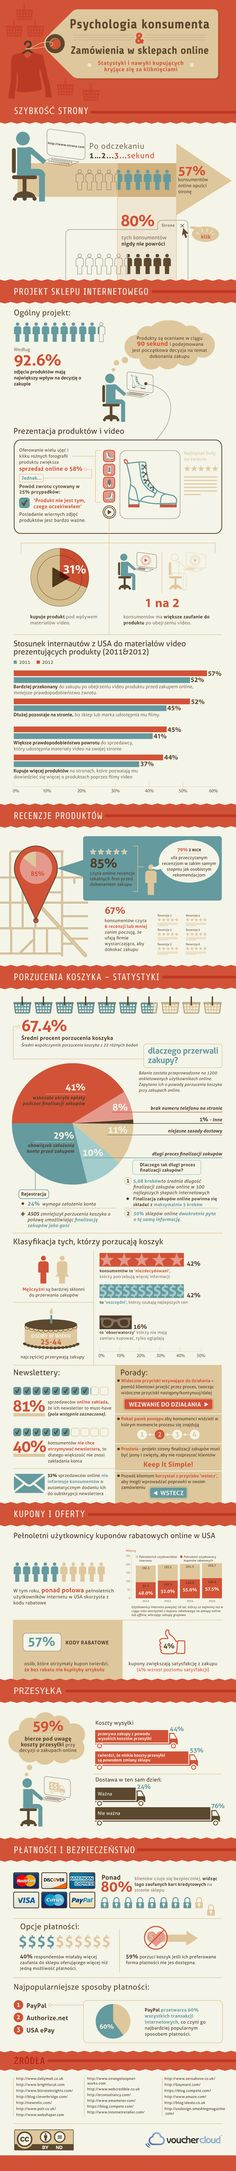 Psychologia konsumenta i czynniki wpływające na zakupy online [infografika]